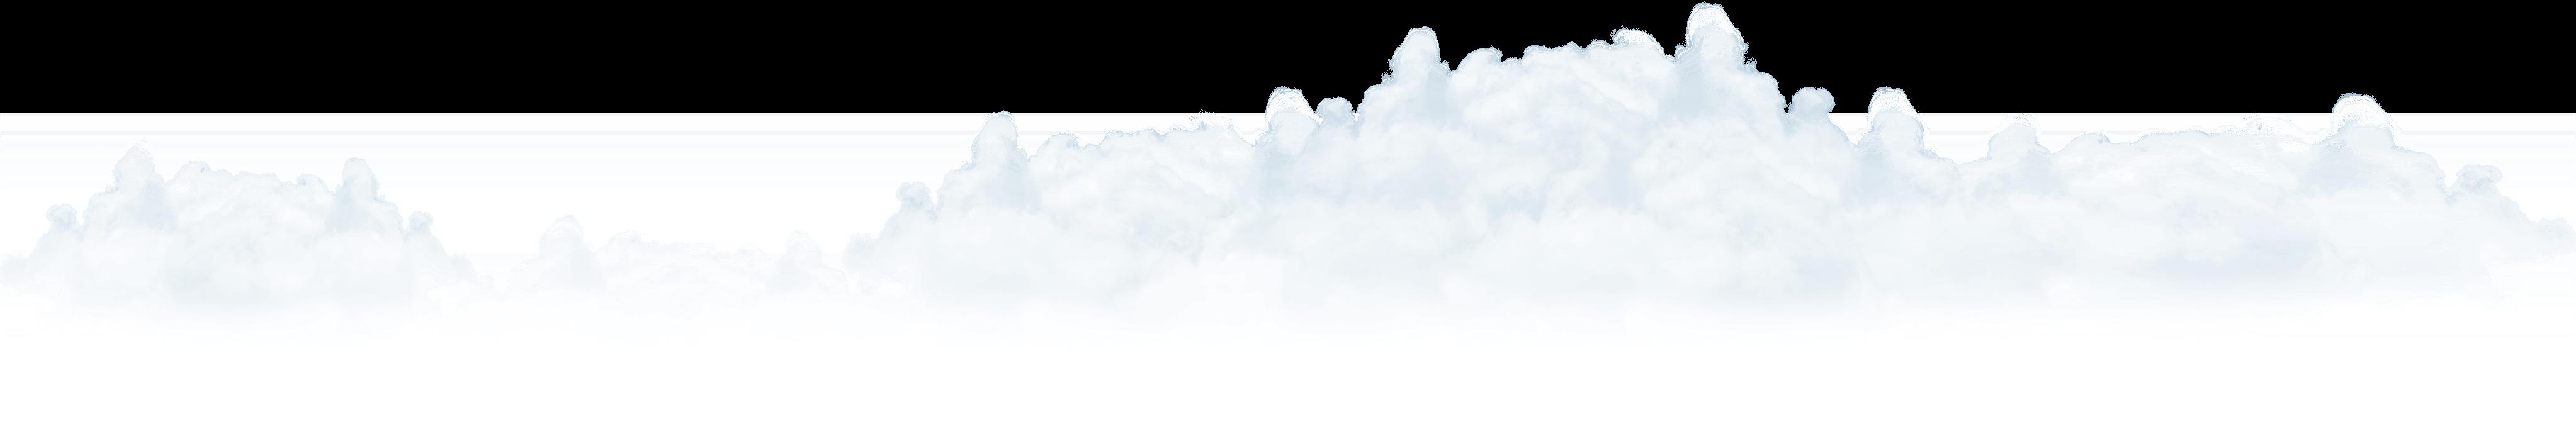 home slider clouds - Eine nostalgische Gondel mieten bei Berggondel